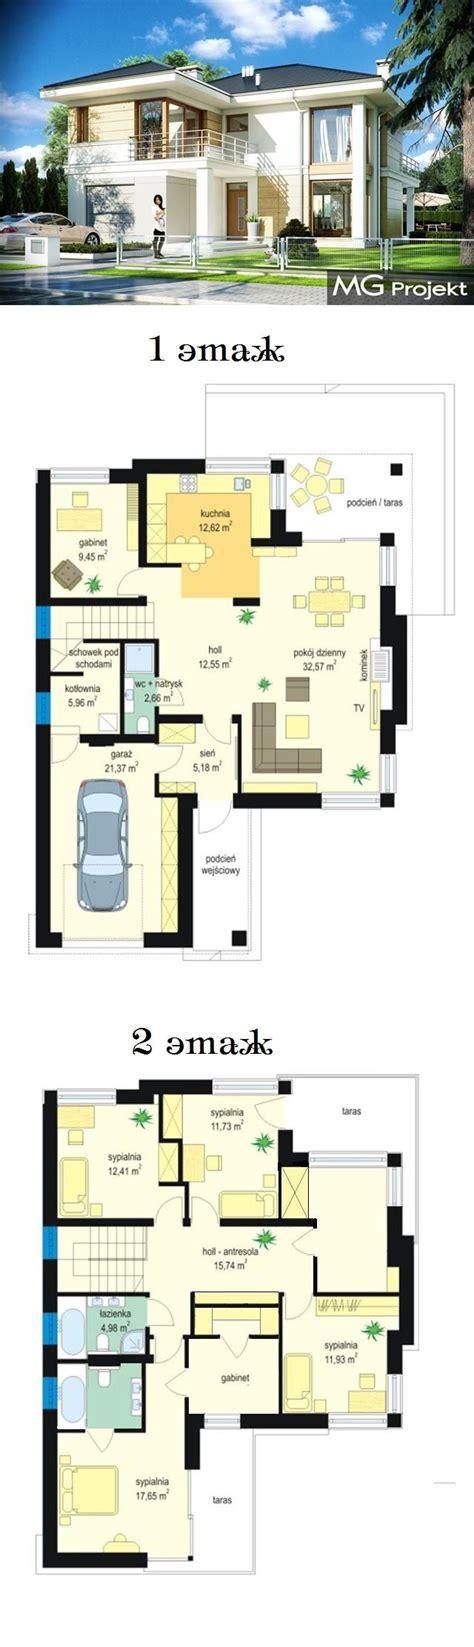 100 kosher kitchen floor plan reconfiguring the kitchen chris loves julia 4 insightful 2494 best images about planos fachadas on pinterest